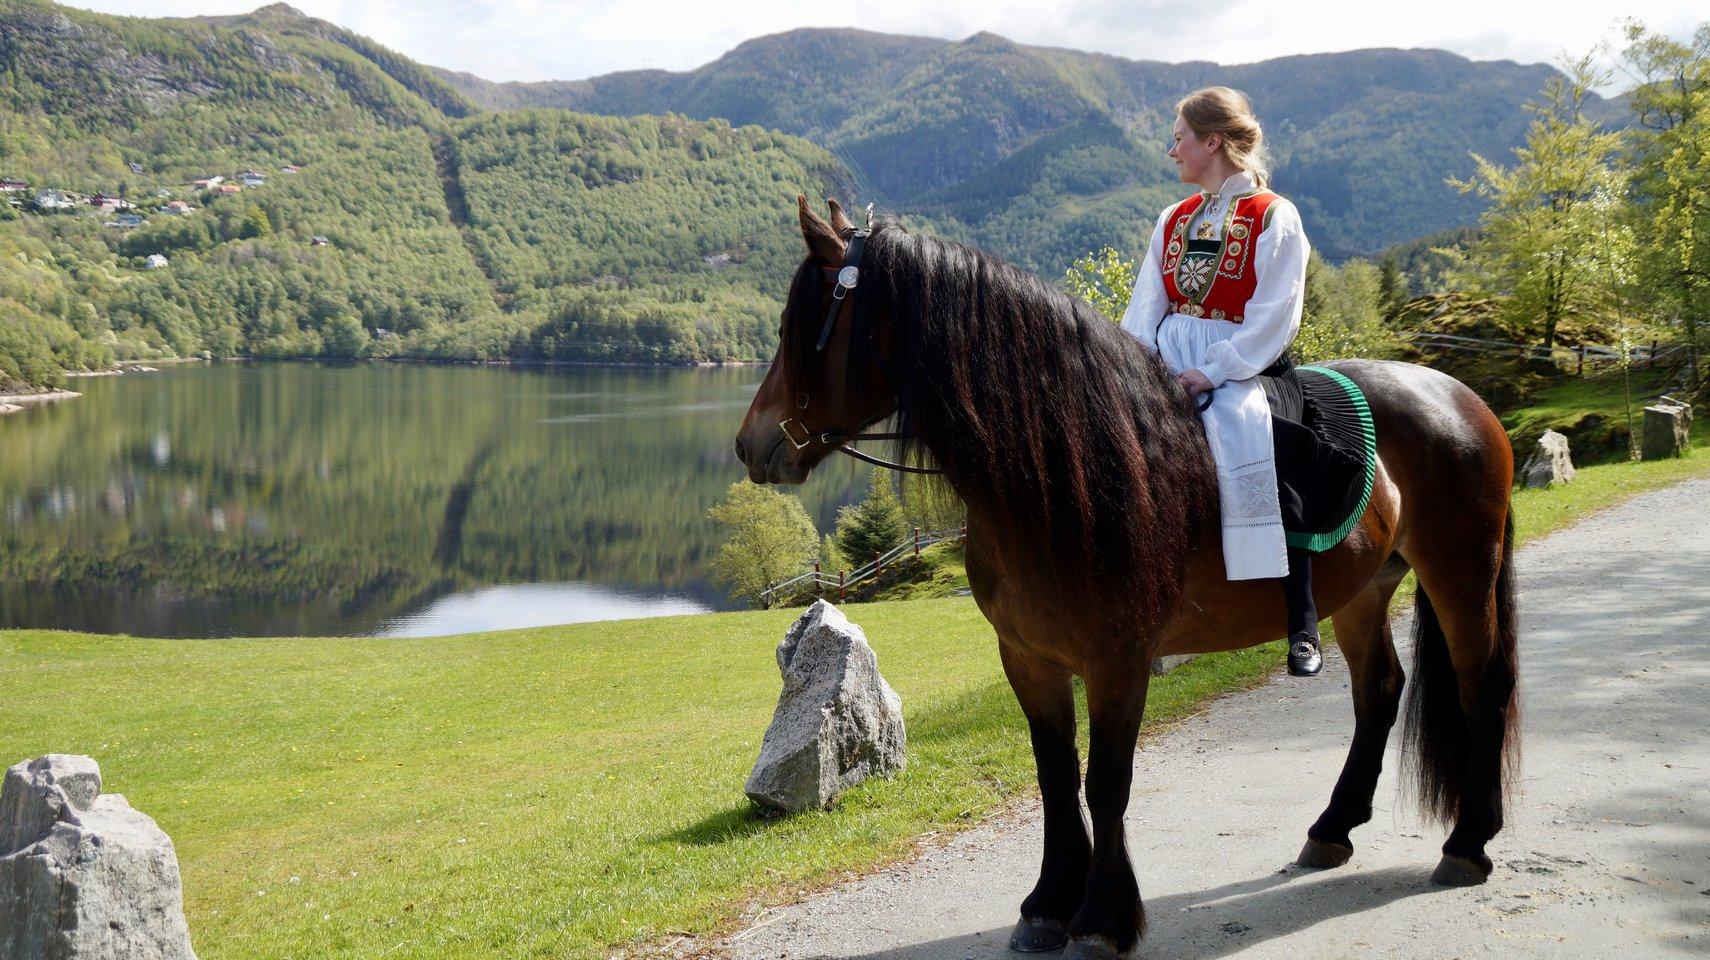 Jente rir på hest i Bergen